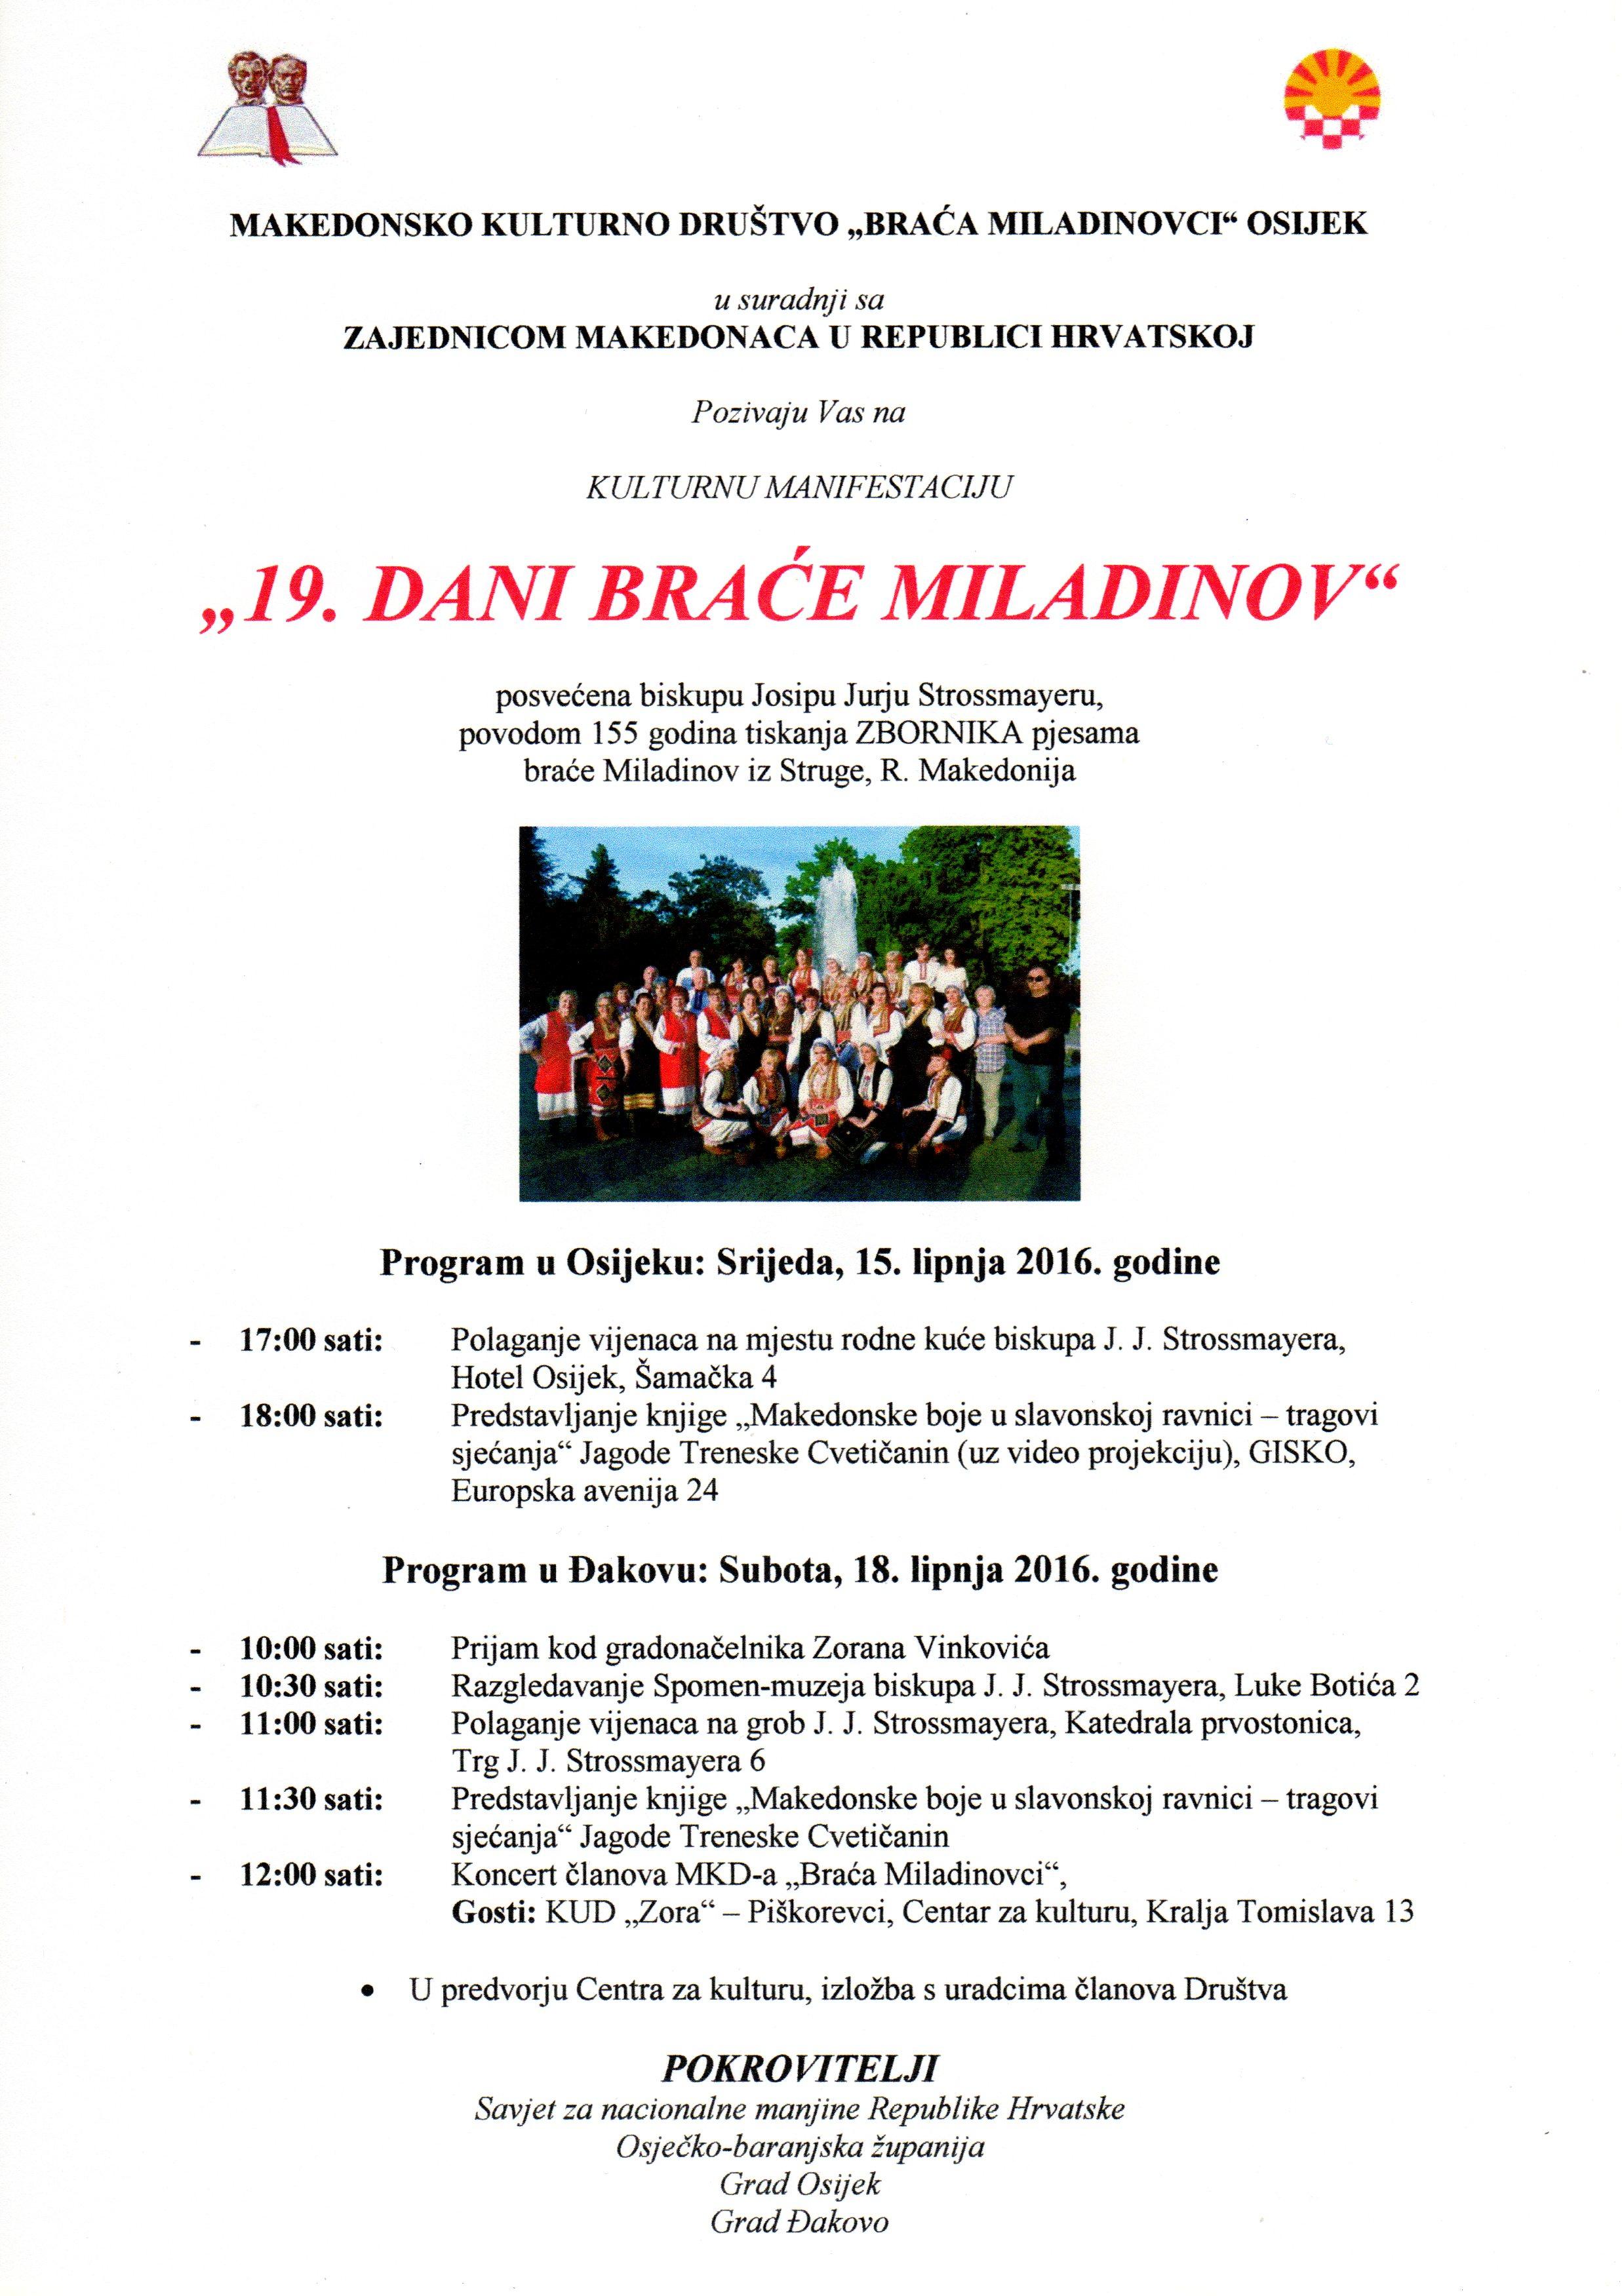 Pozivnica: 19. Dani braće Miladinov u Osijeku i Đakovu